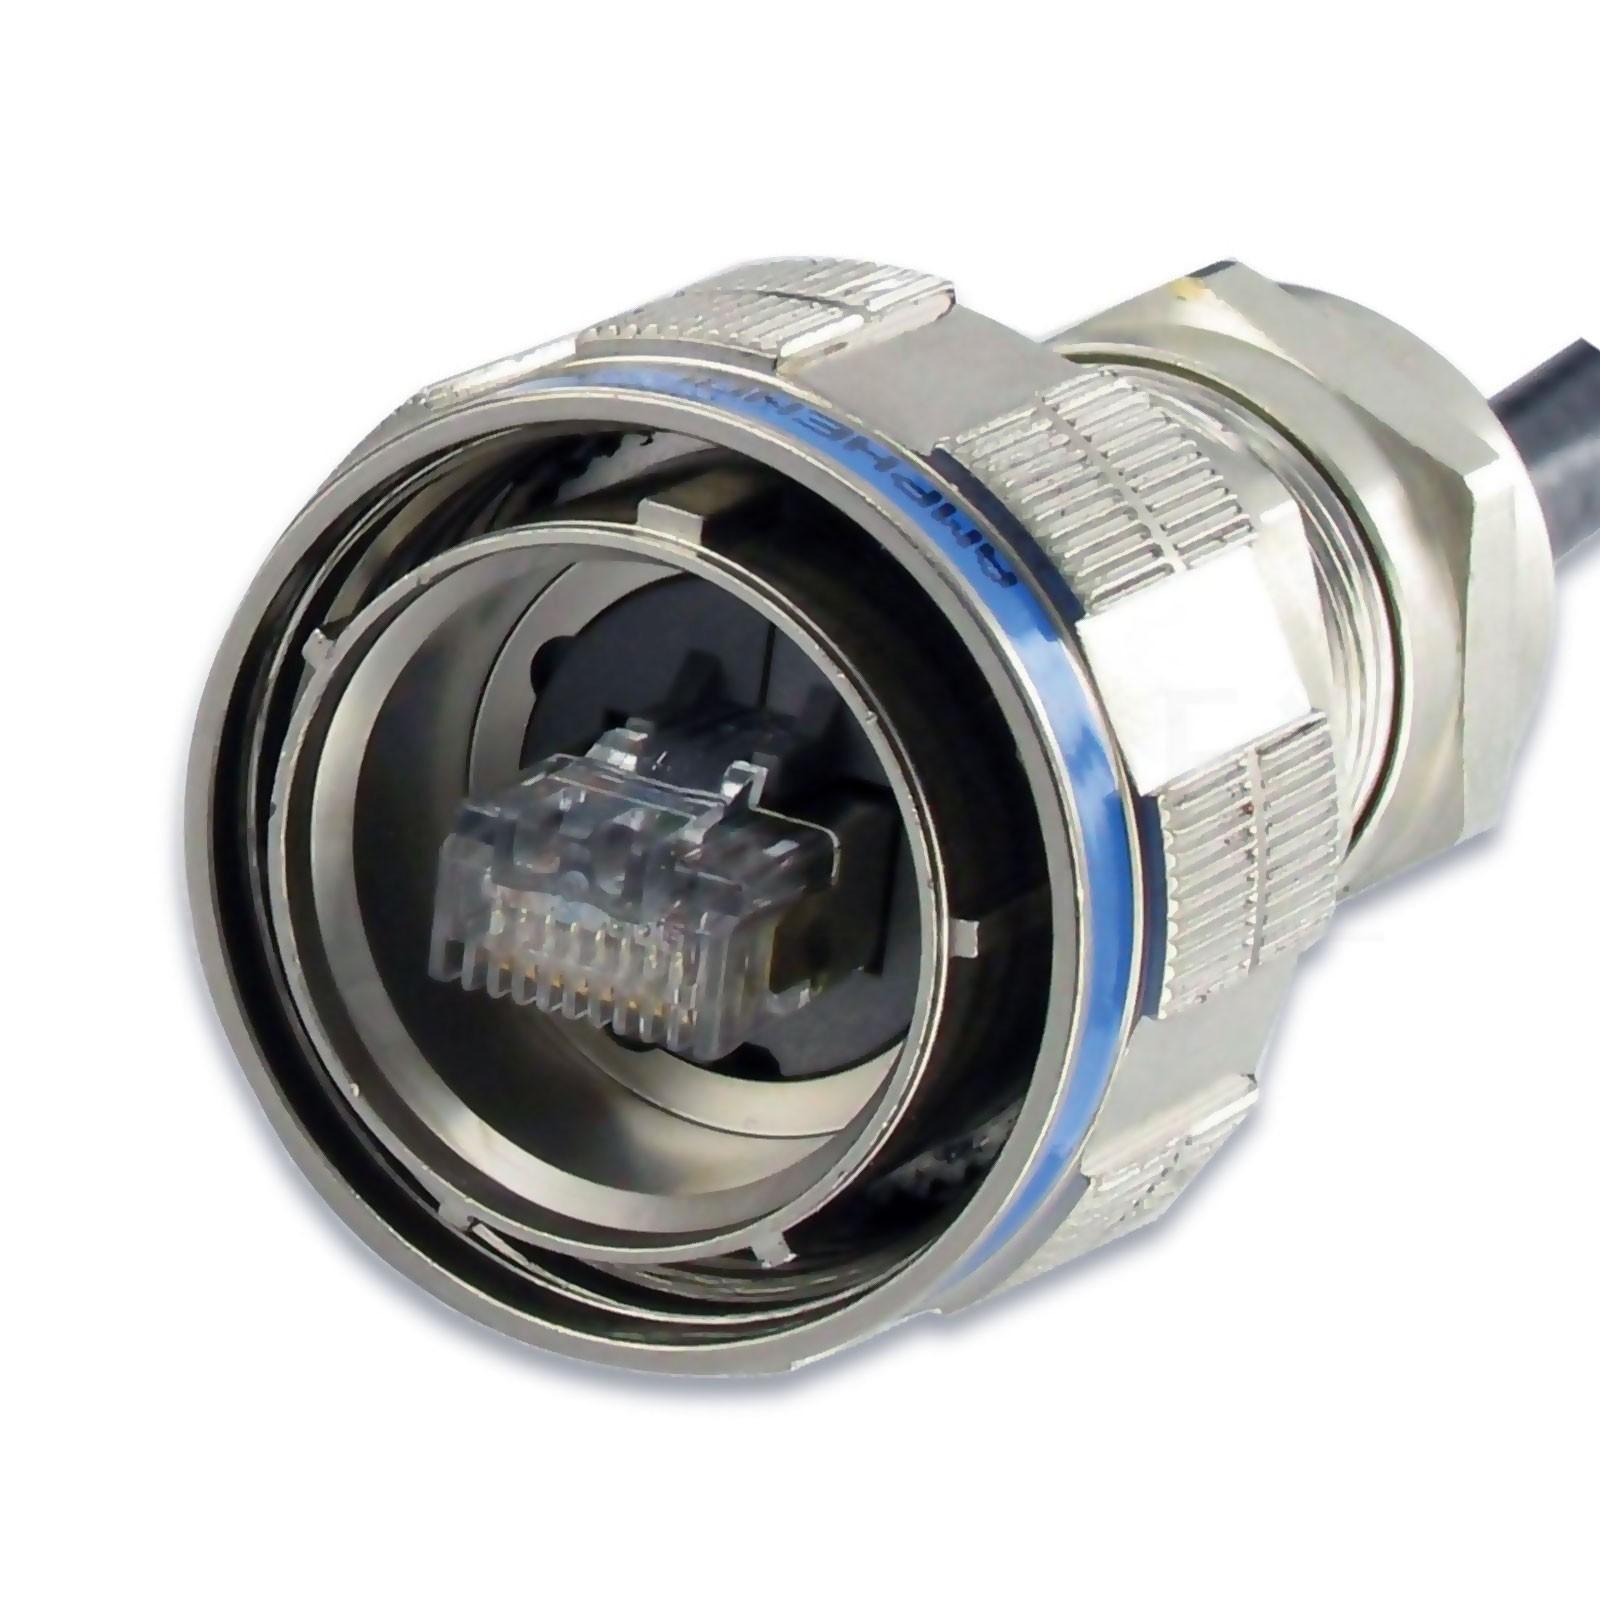 Conector Ethernet Estanco Macho IP68 ATEX Catx Amphenol RJFTVX6MN